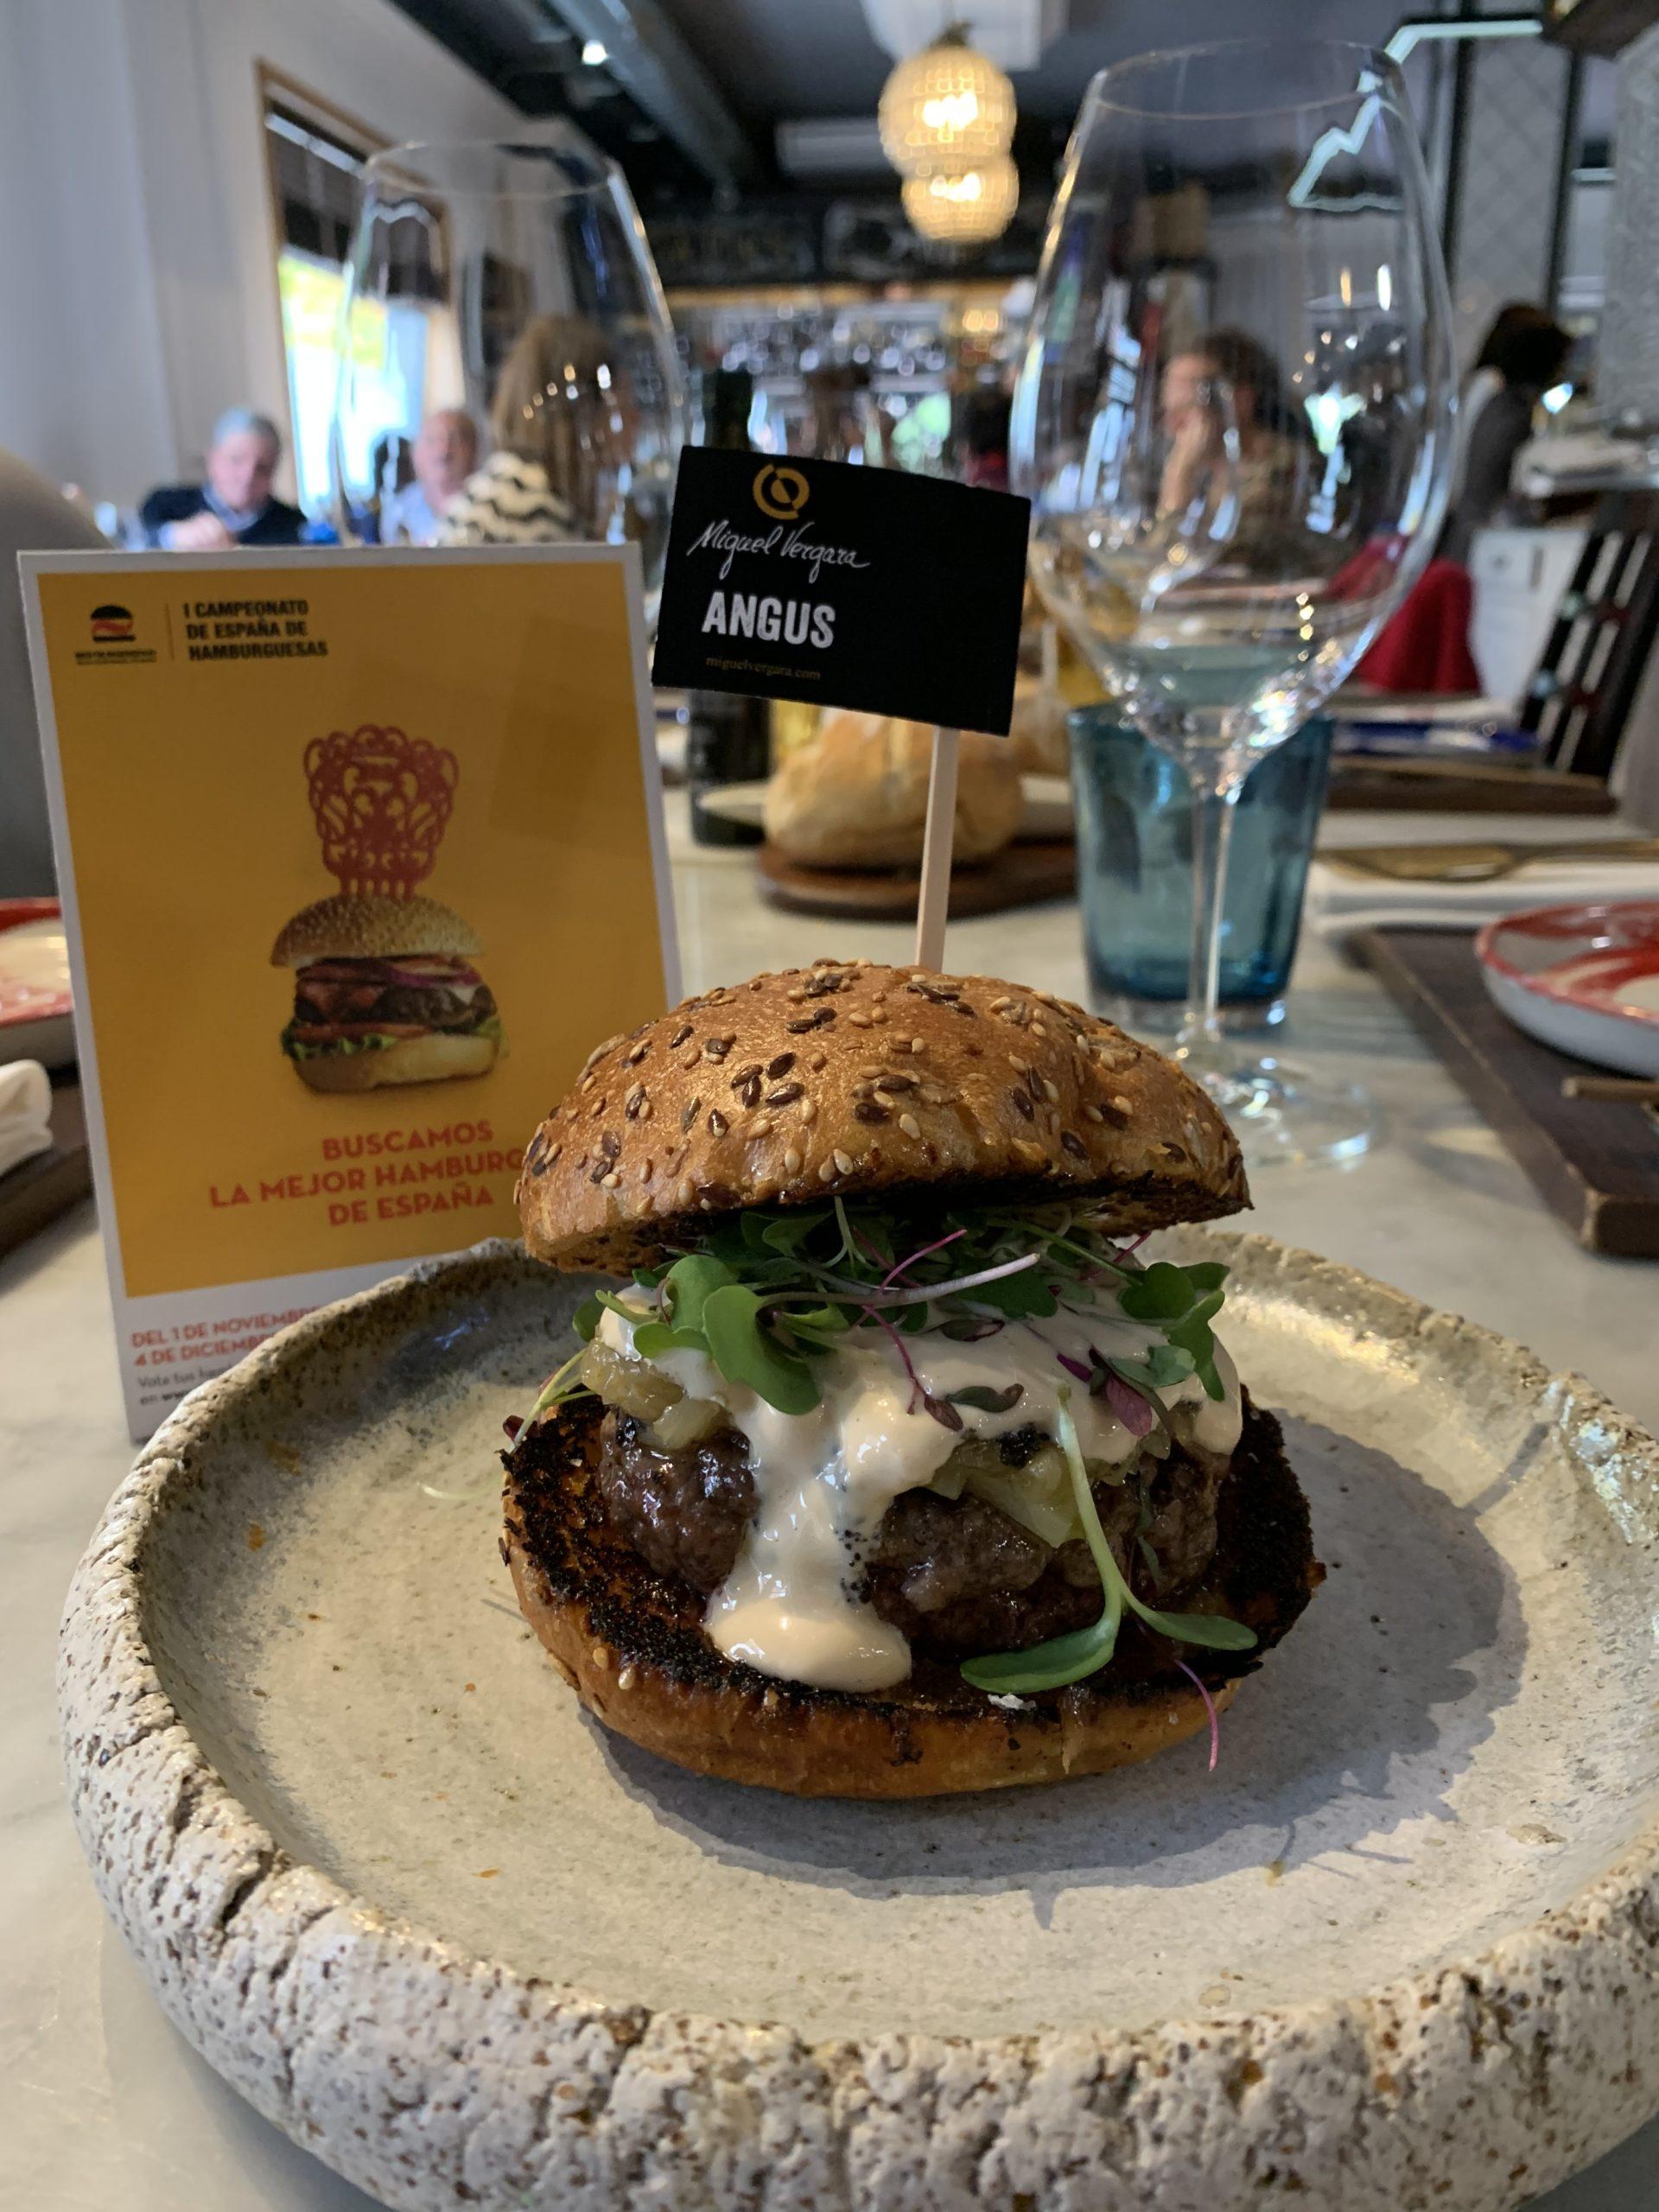 Segunda mejor hamburguesa de España con carne Miguel Vergara Angus